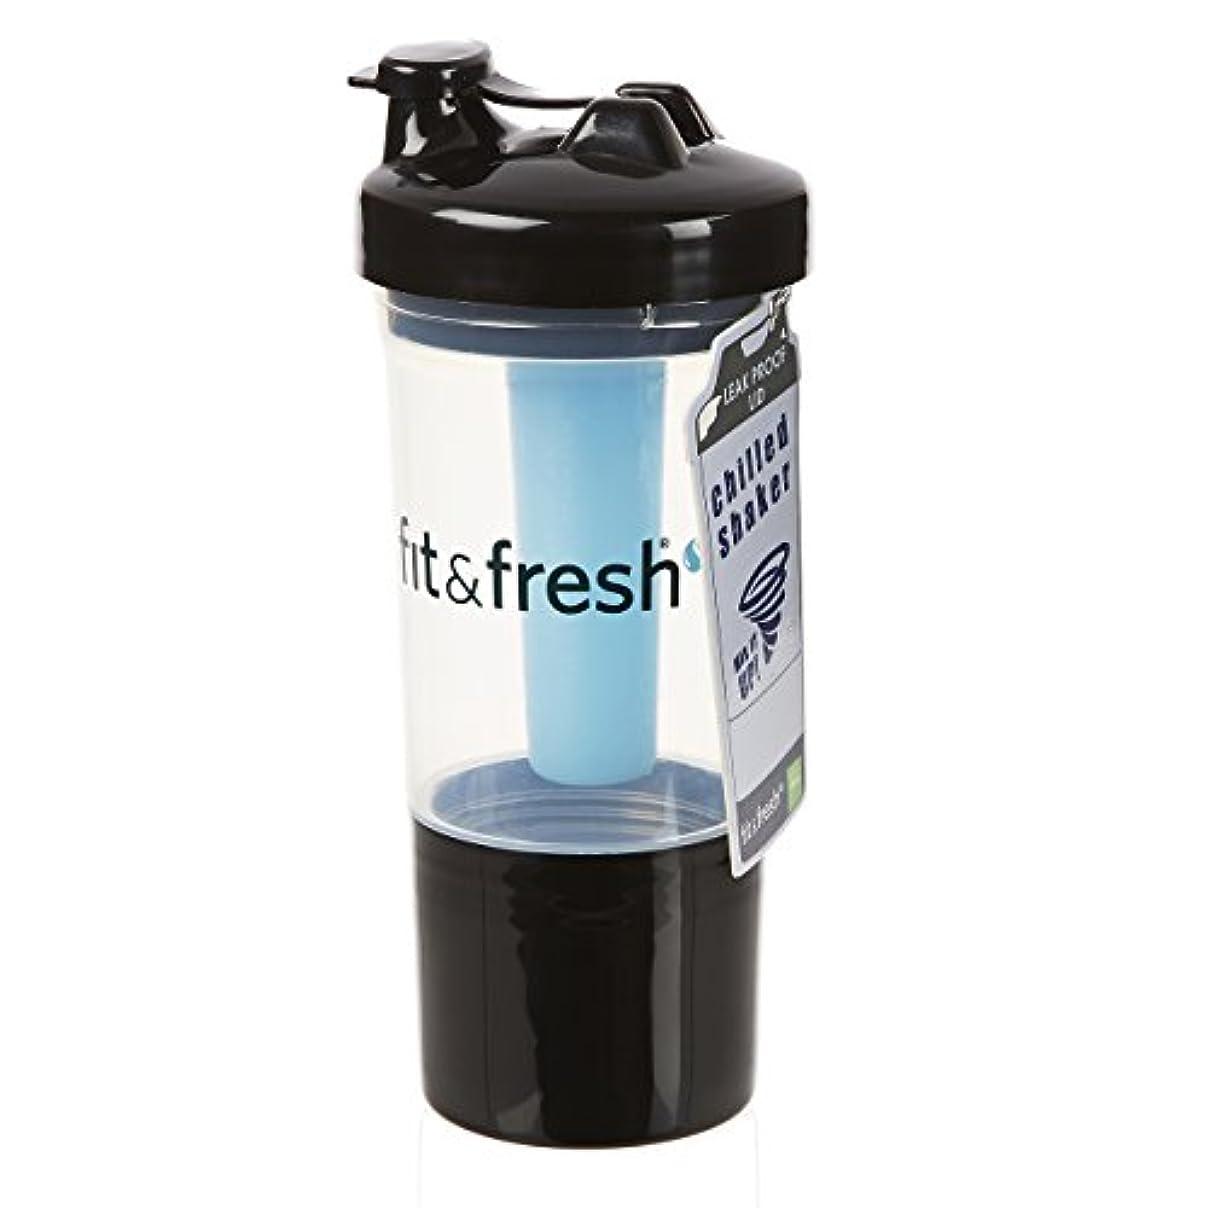 いたずらな解任でもFit & Fresh, CleanTek, Shaker Cup with Ice Wand Agitator & Storage Cup, 1 Cup